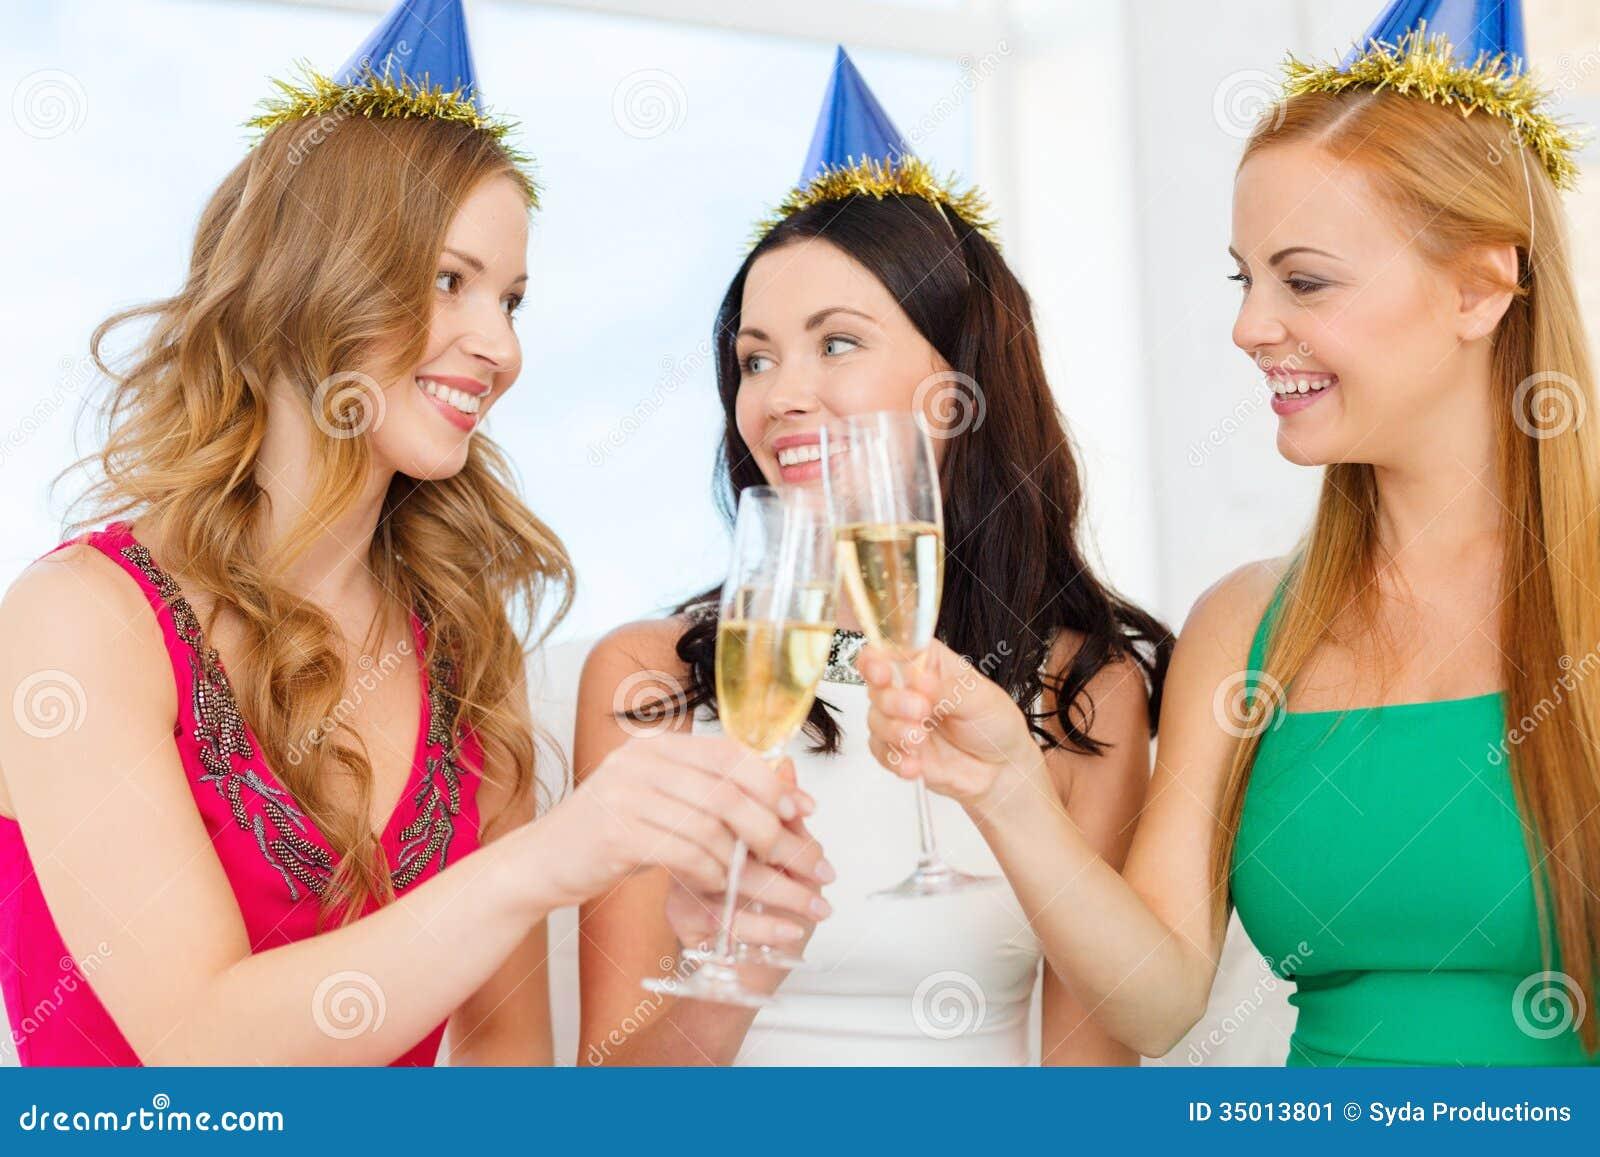 Фото с выпивающими подругами 12 фотография